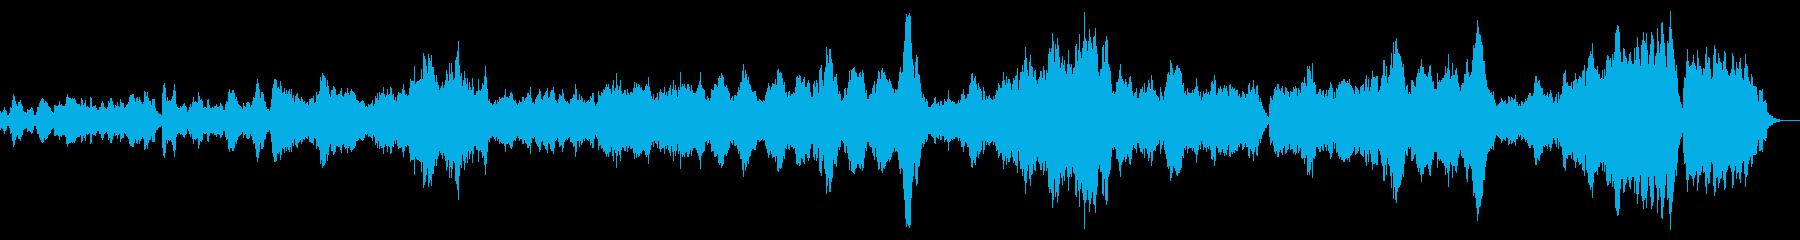 静かなで穏やかな曲ですの再生済みの波形